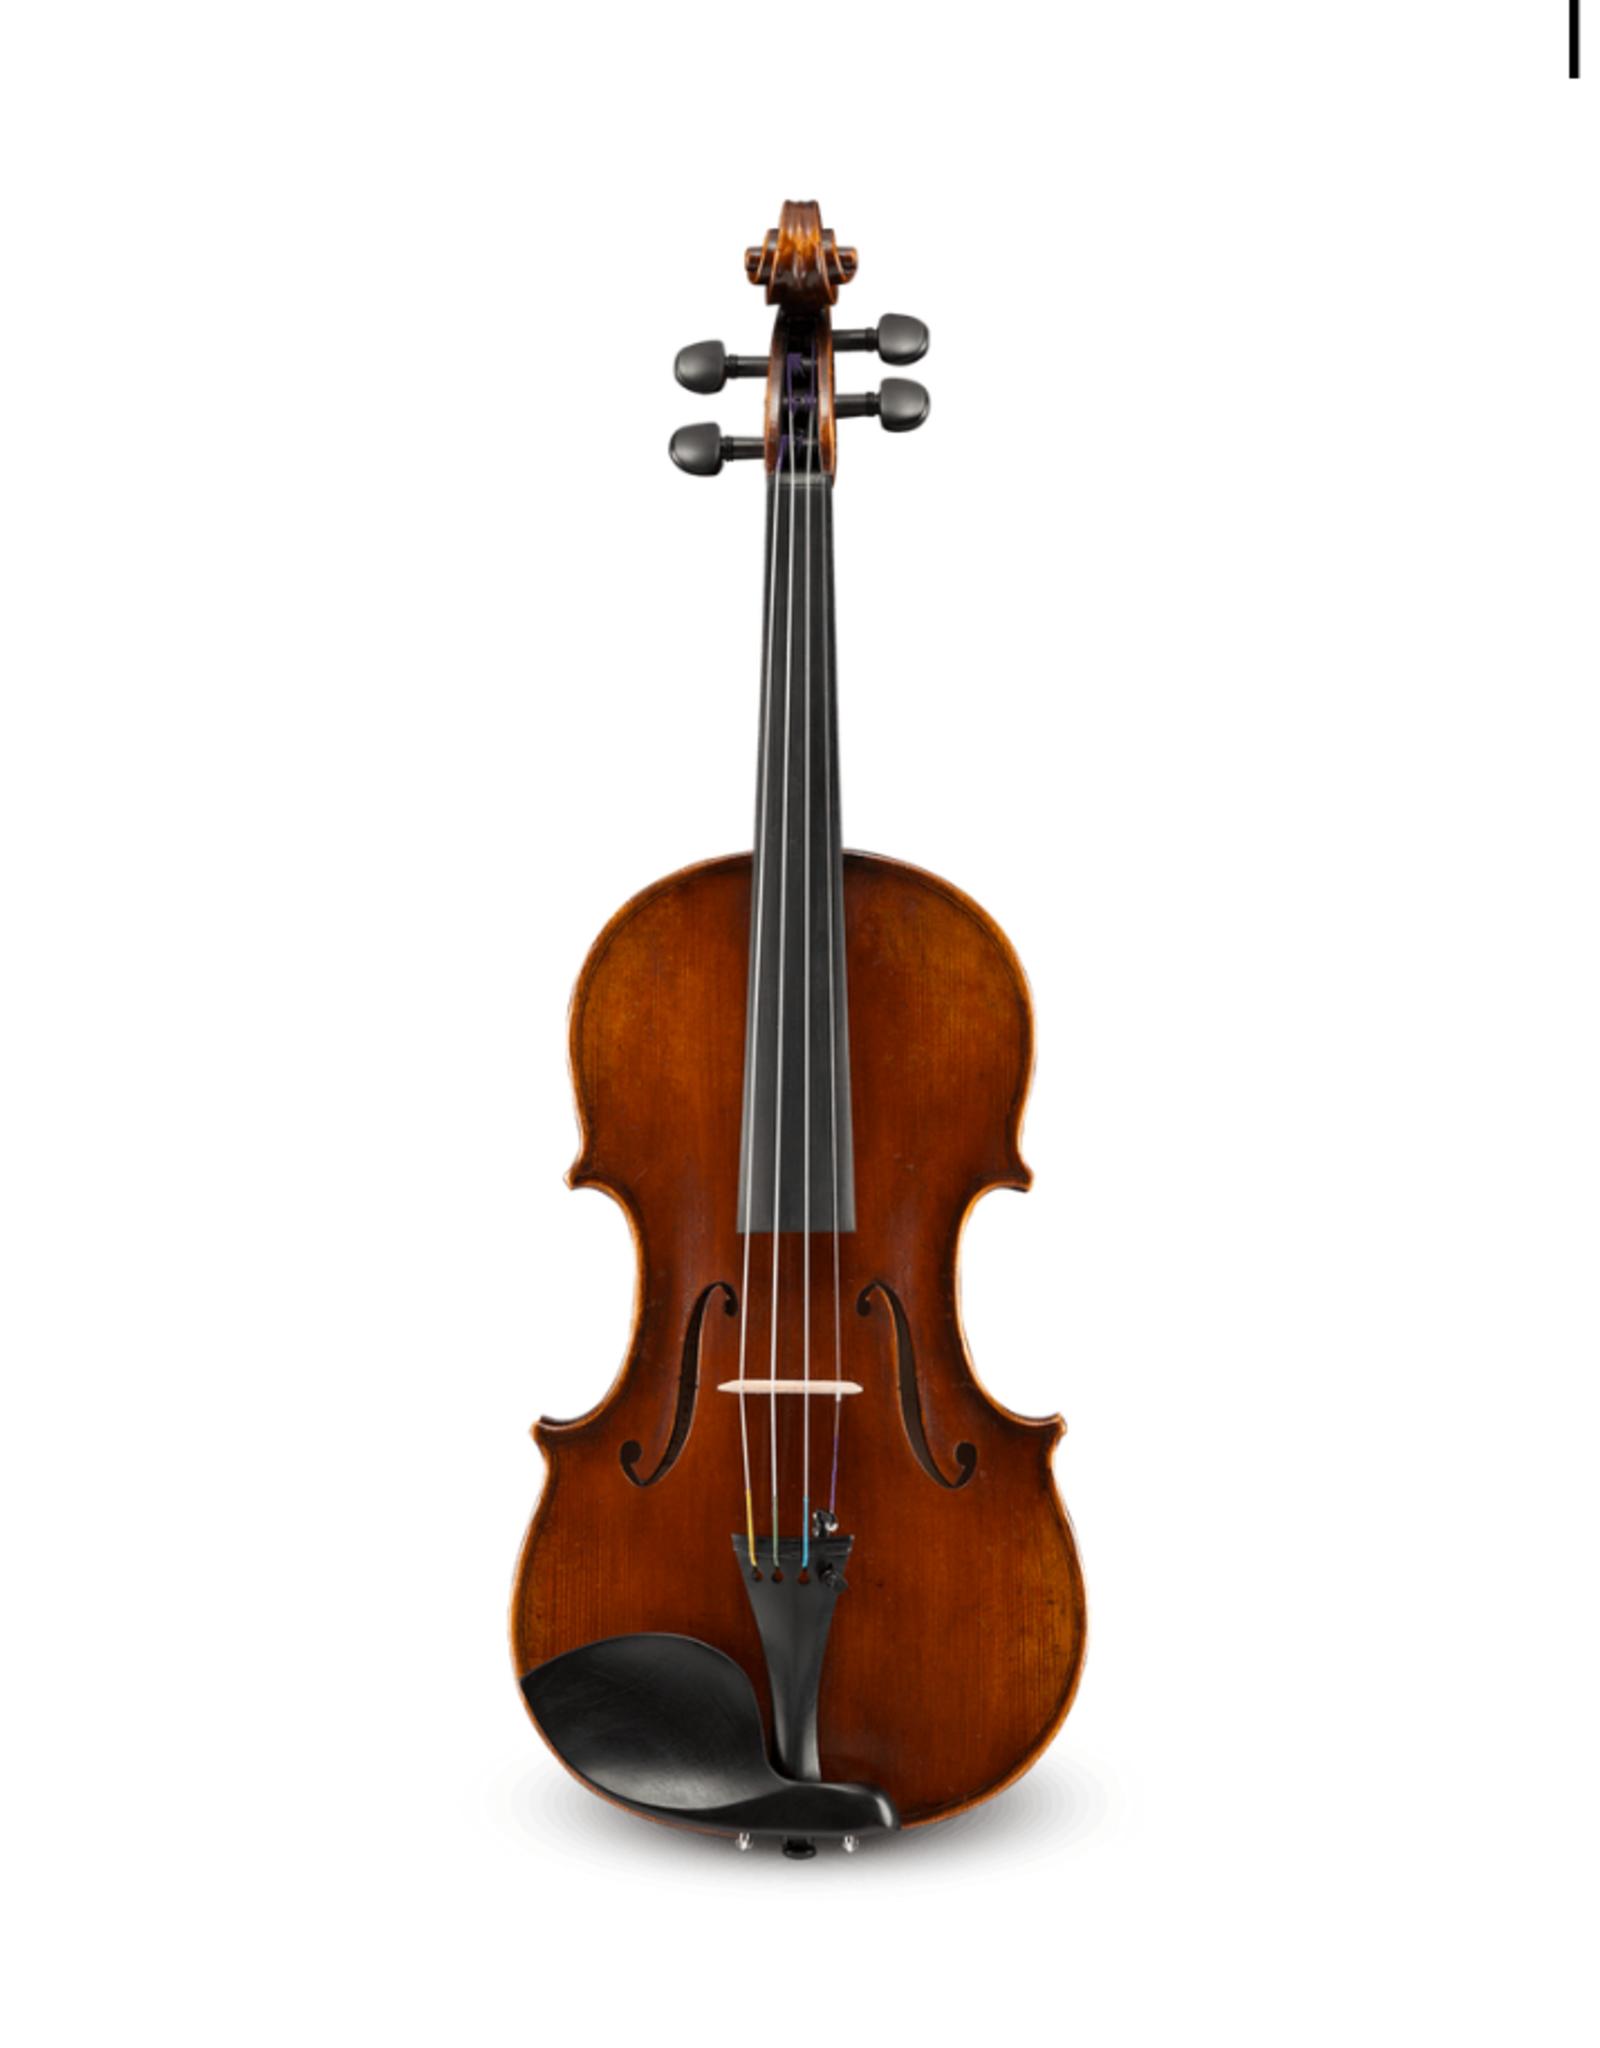 STUDENT Eastman 4/4 viool - Andreas Eastman